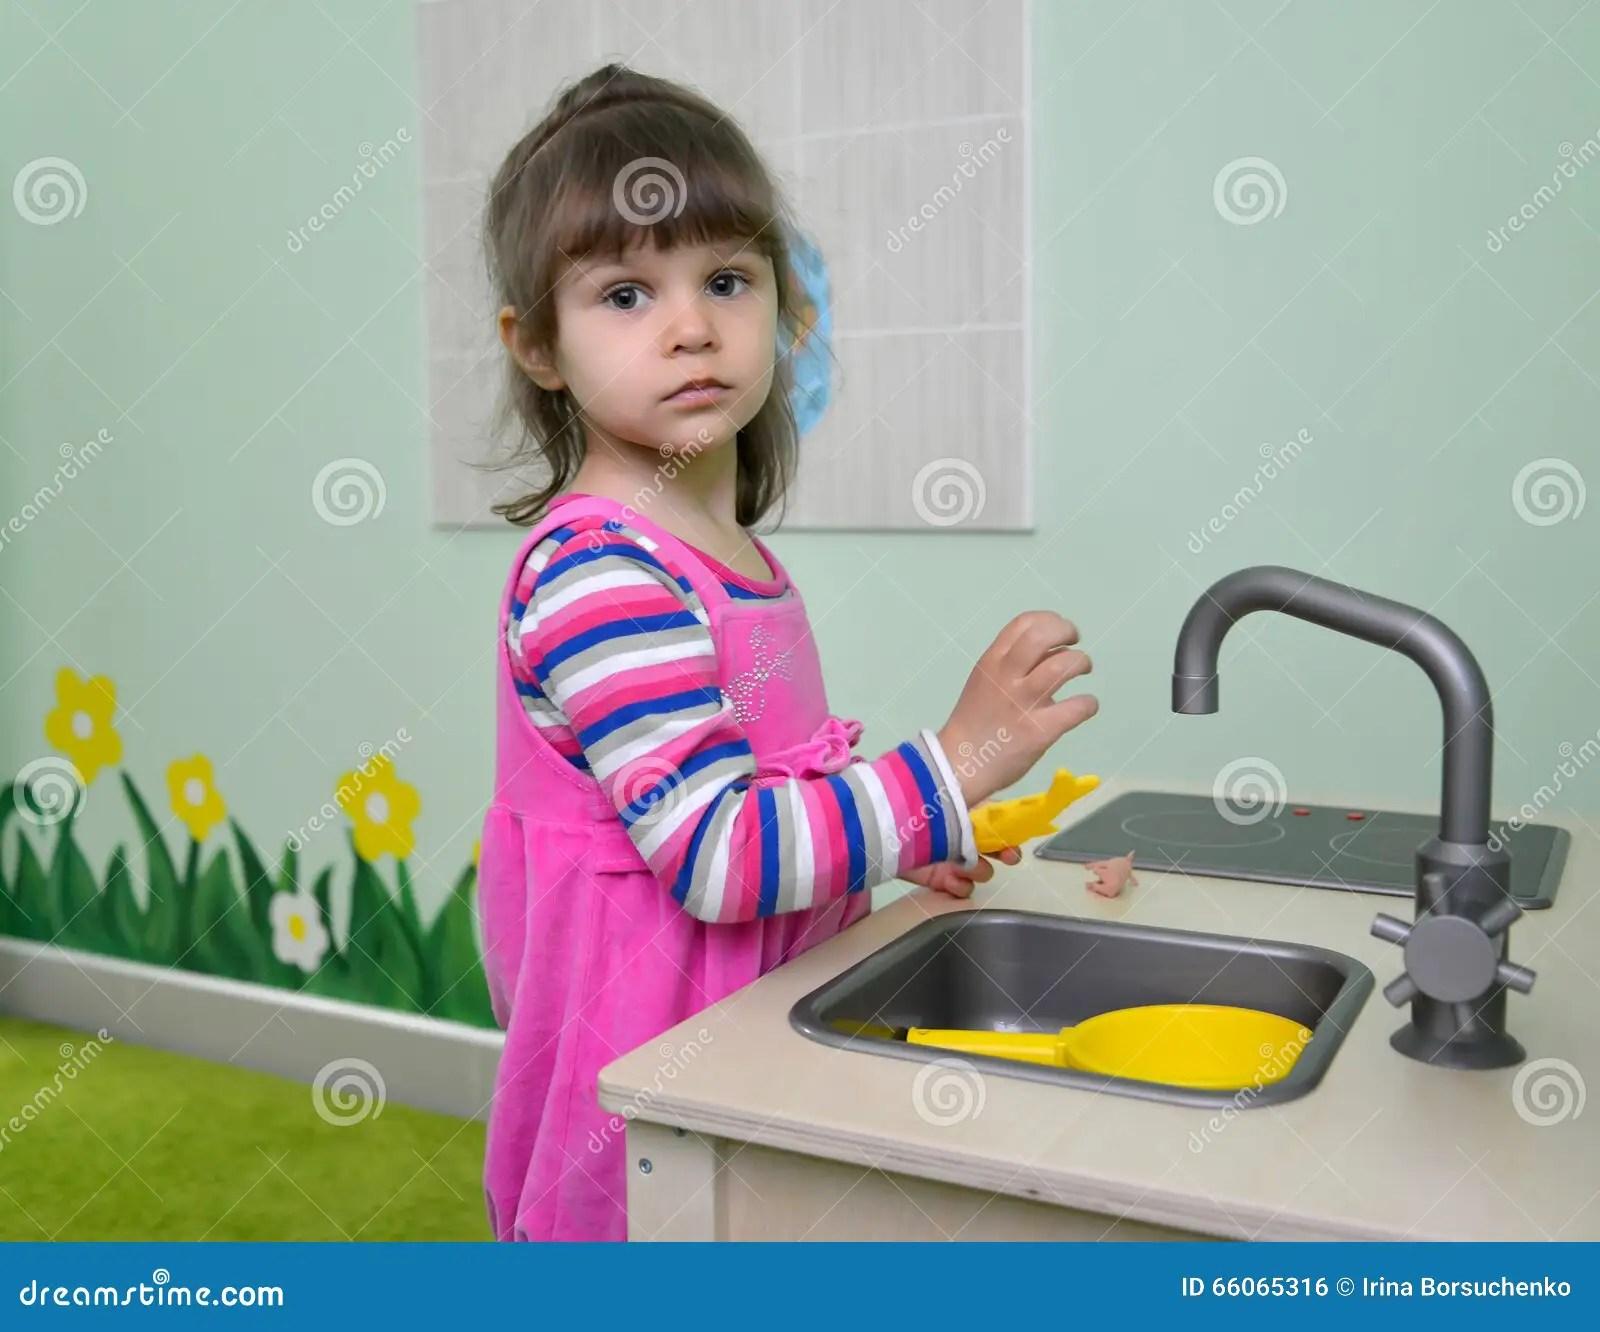 childrens kitchens kitchen gifts 两岁小孩女孩戏剧对于儿童厨房库存照片 图片包括有空间 衣裳 水槽 两岁小孩女孩戏剧对于儿童厨房